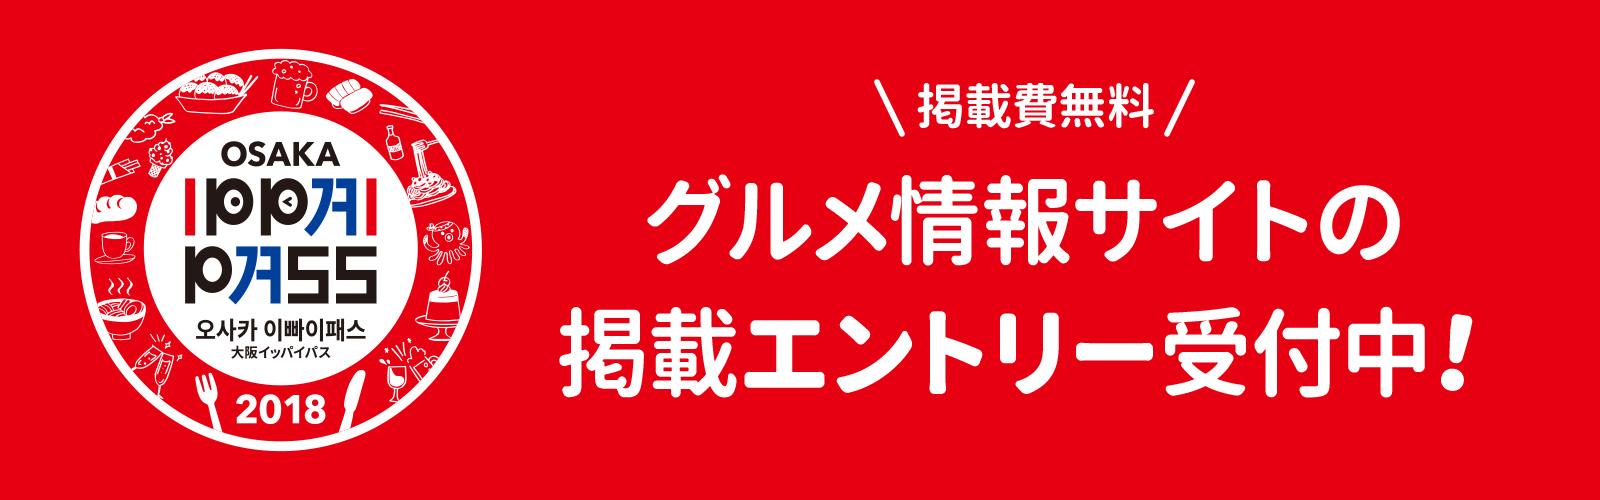 大阪イッパイパス(掲載エントリー受付中)